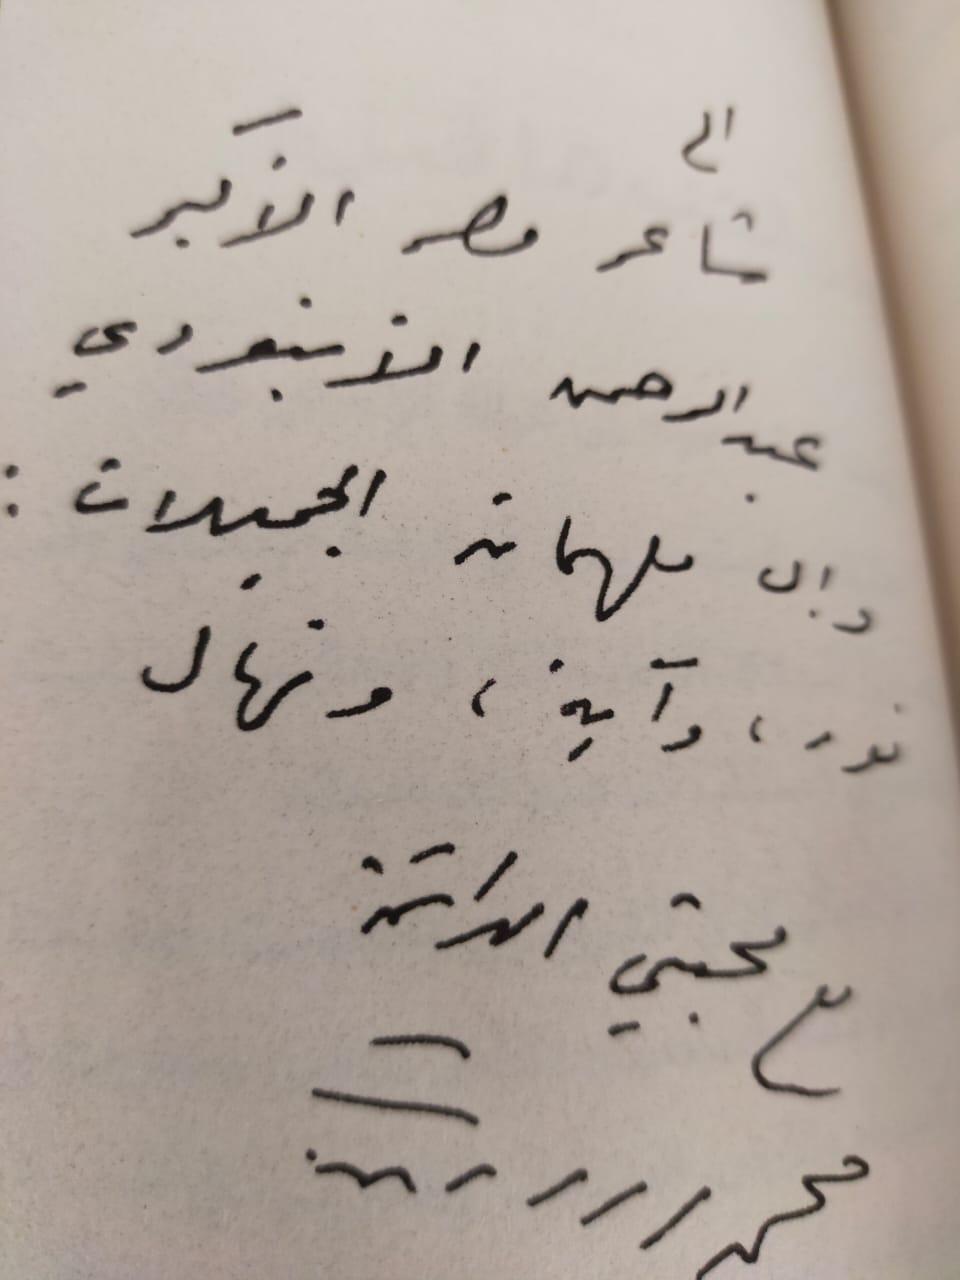 إهداء بخط يد محمود درويش للخال